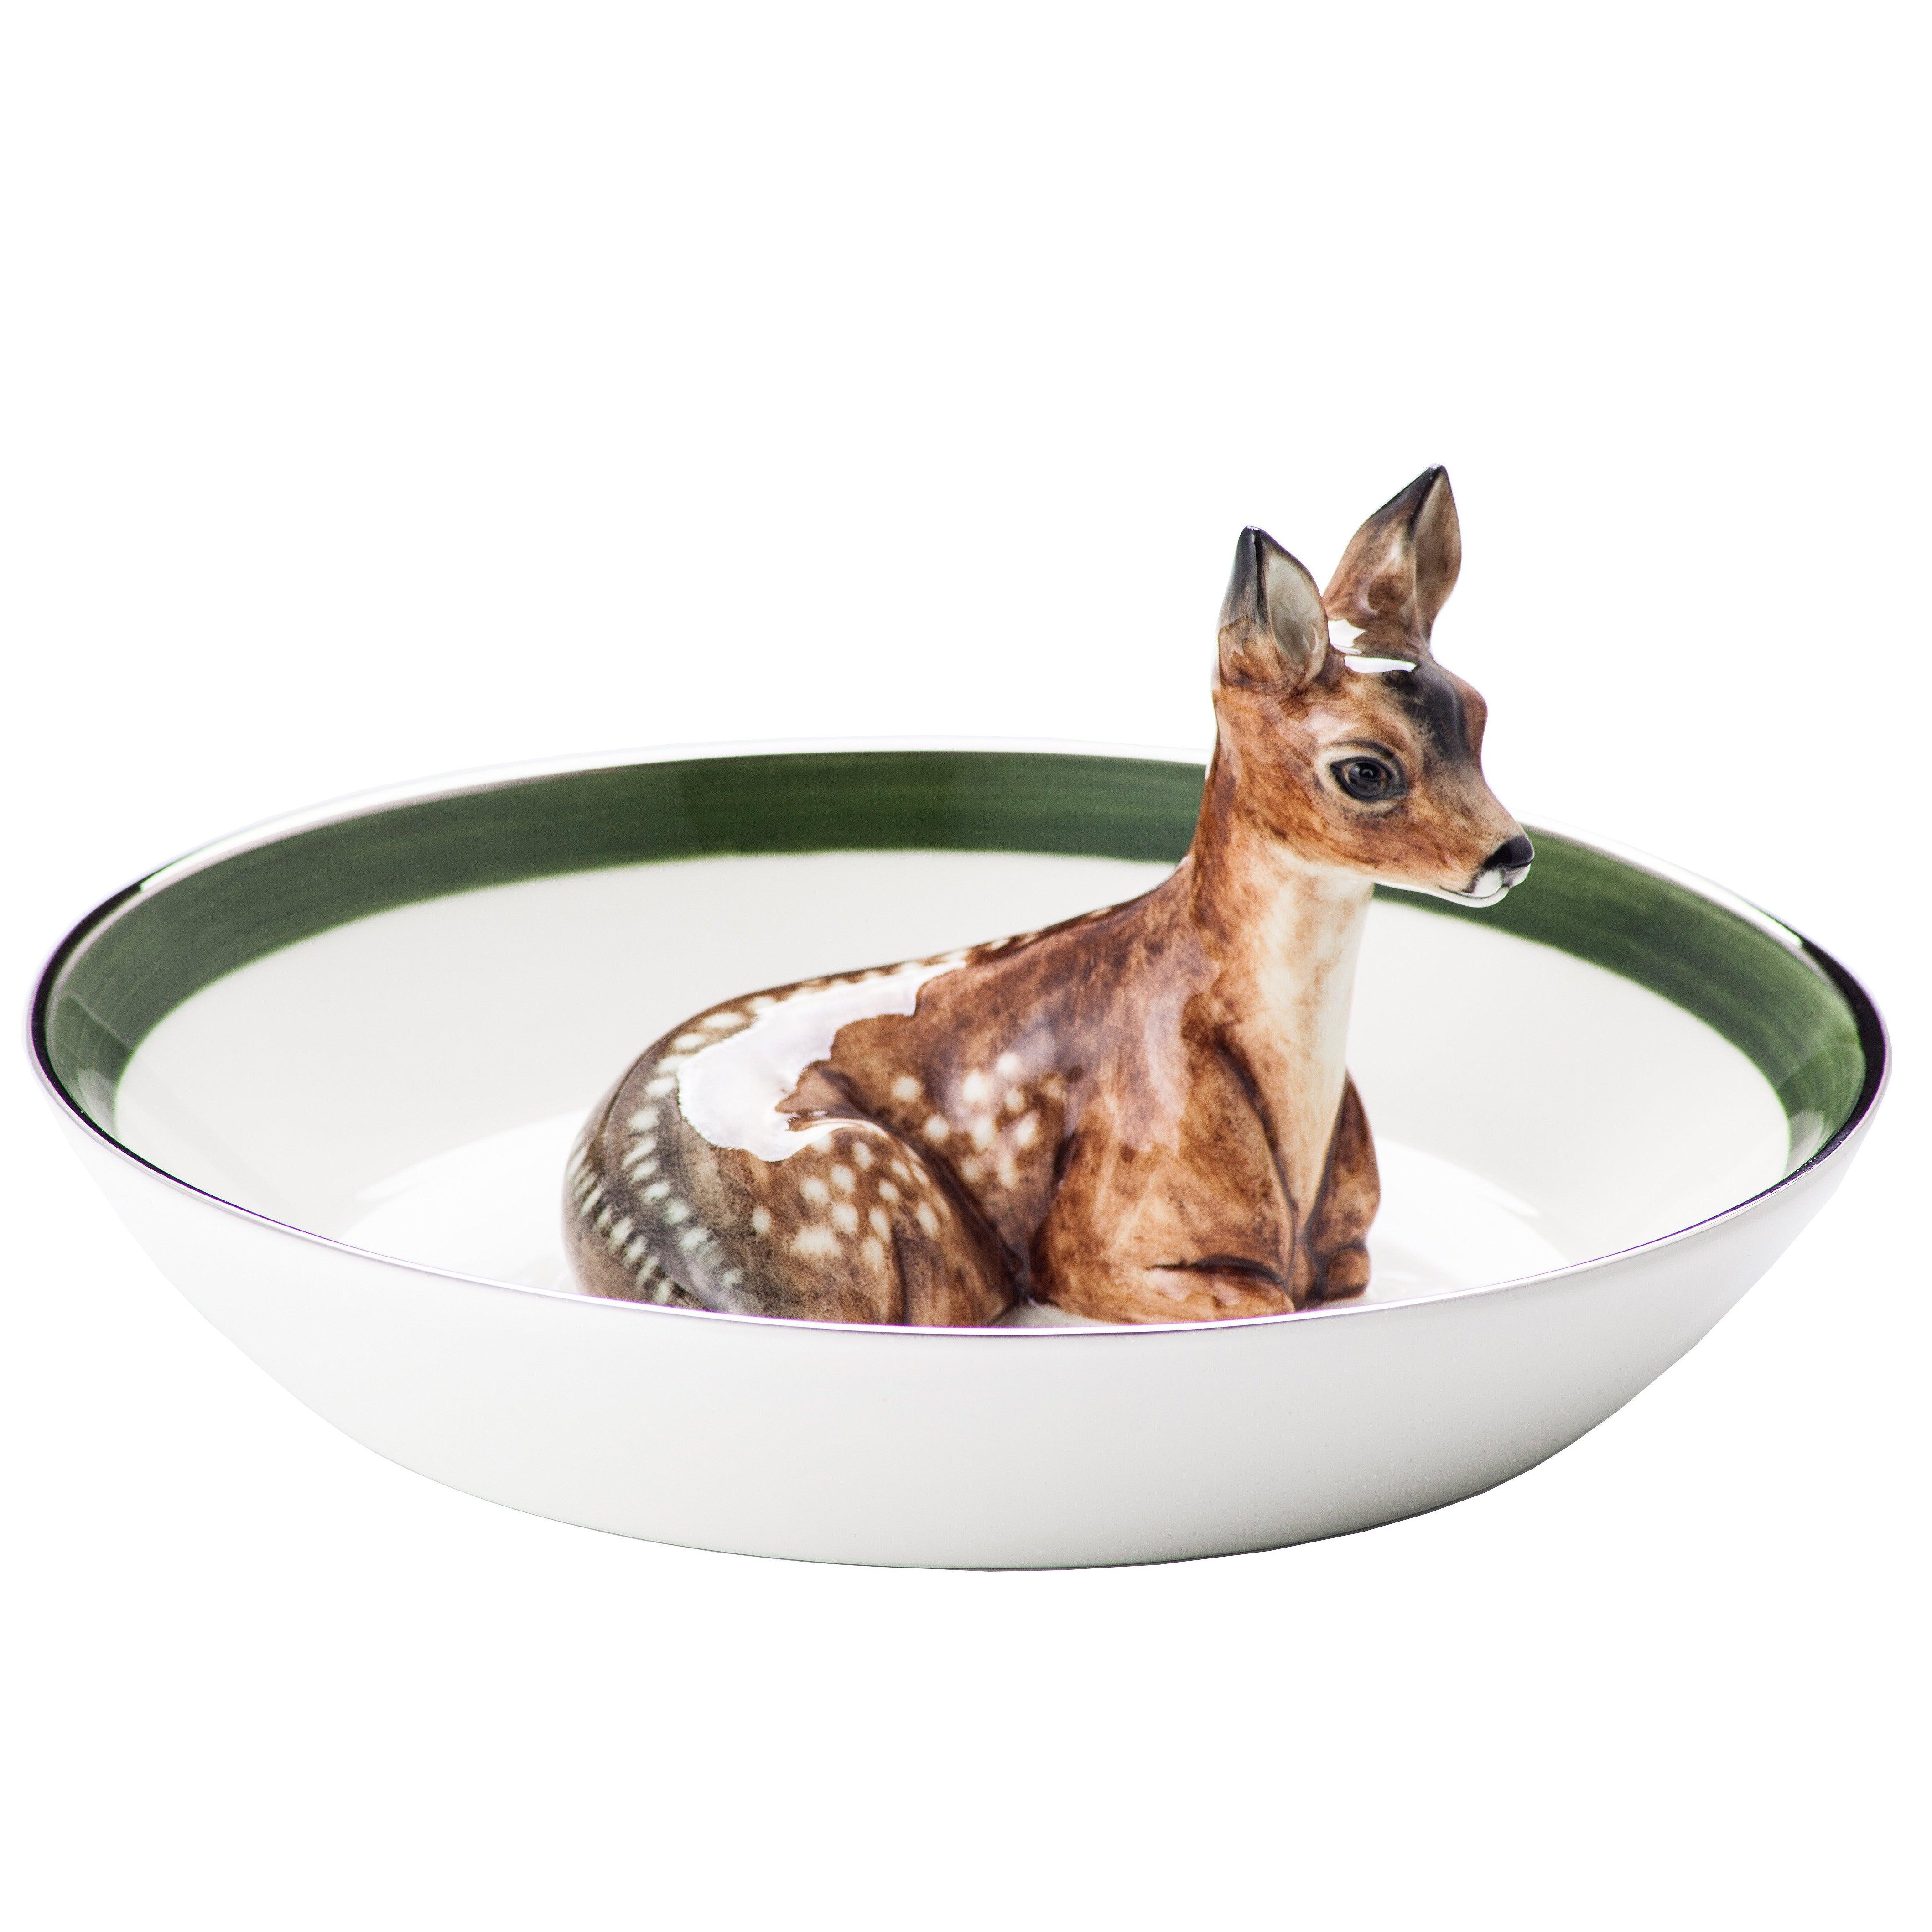 Black Forest  Porcelain  Bowl with Deer Figure Sofina Boutique Kitzbuehel